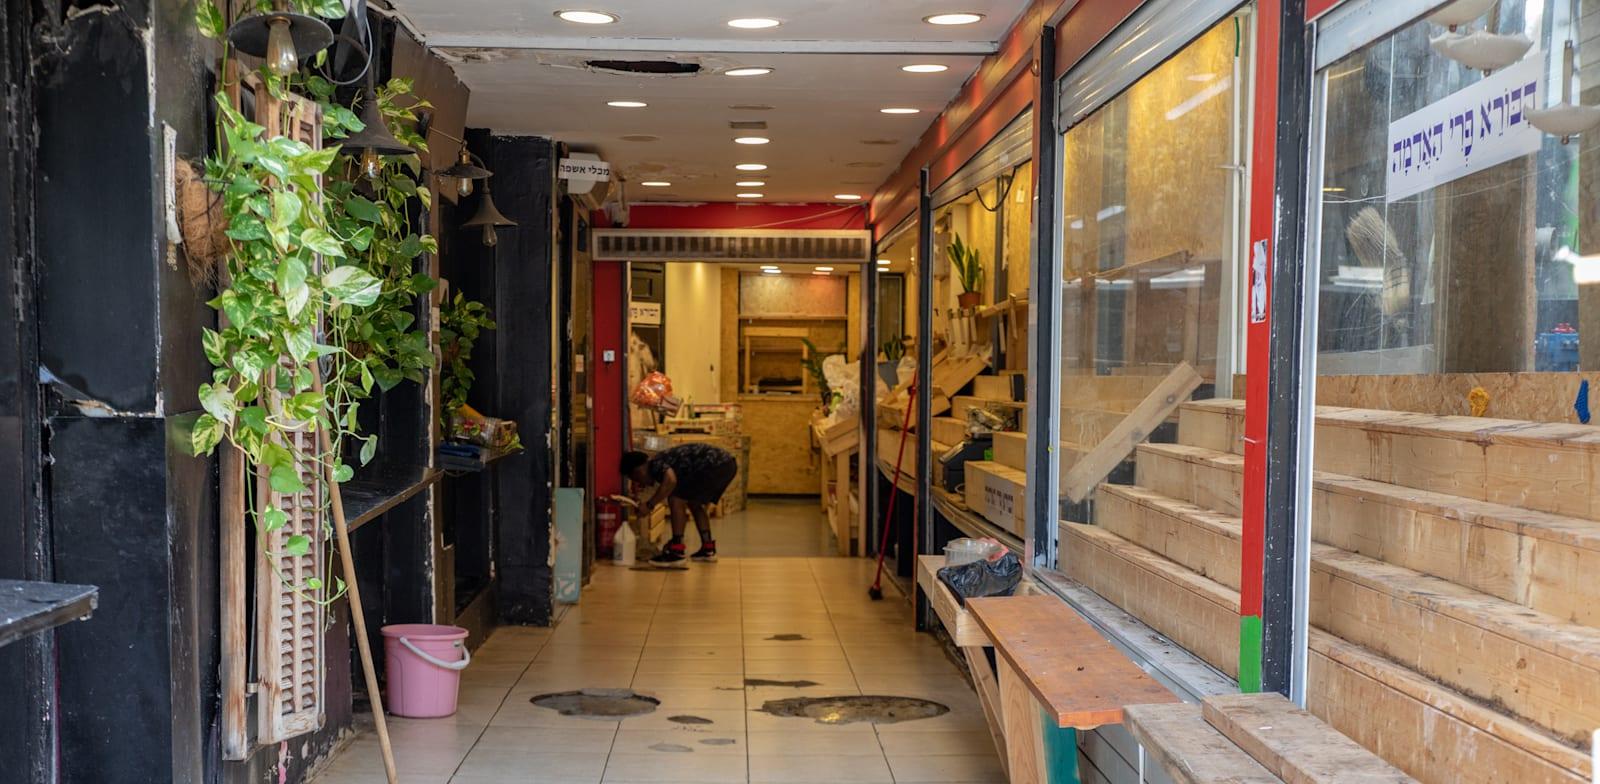 עסוקים סגורים על רק מגפת הקורונה / צילום: כדיה לוי